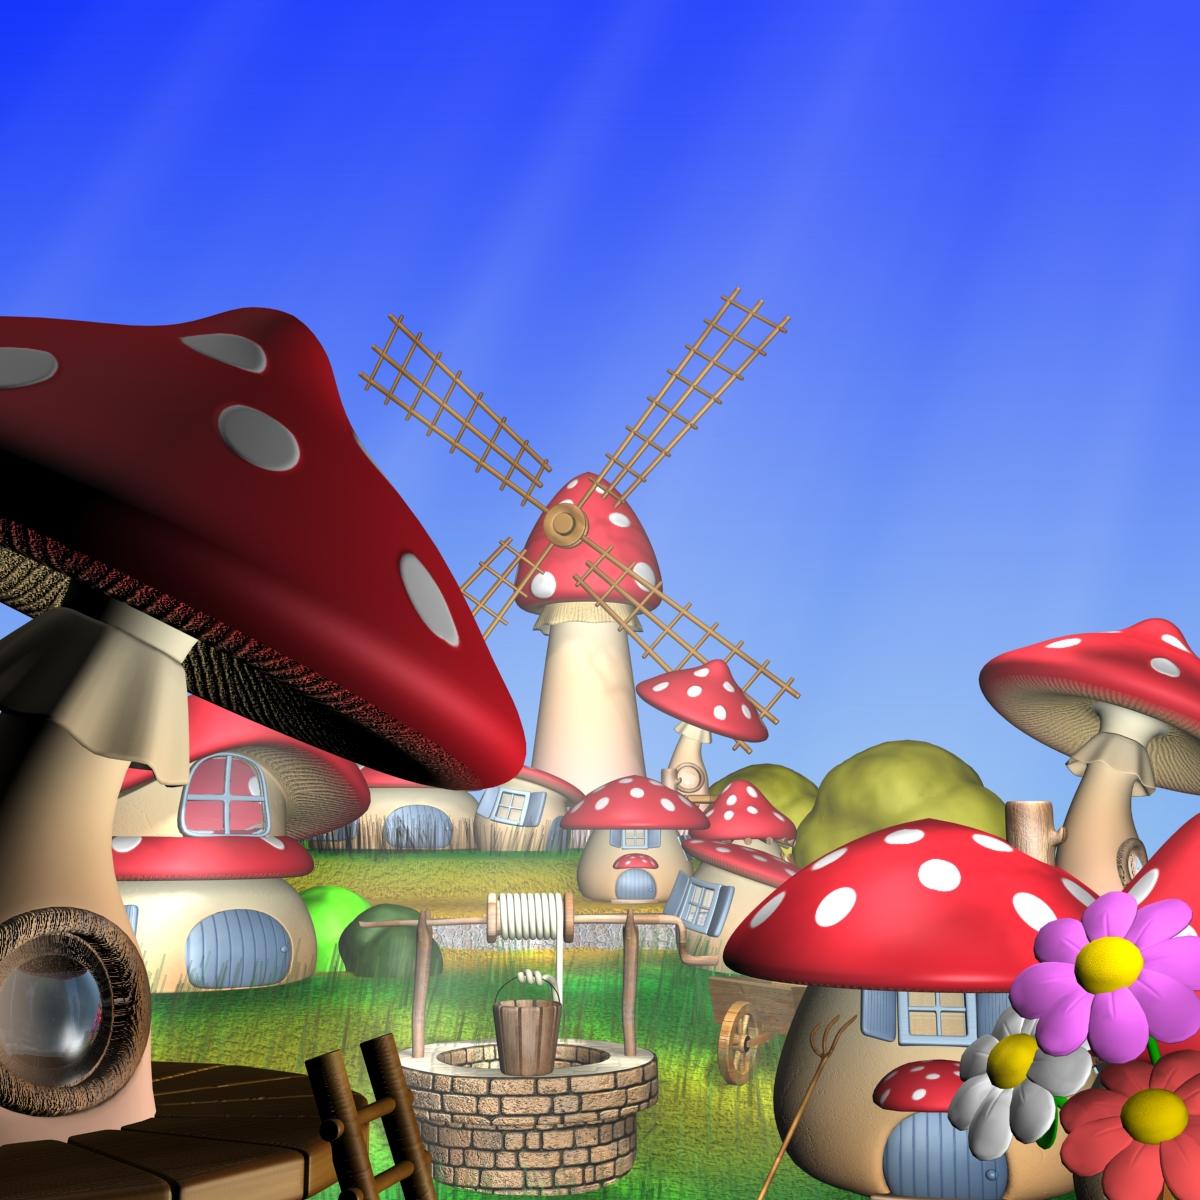 cartoon mushroom village 3d model max fbx obj 161199